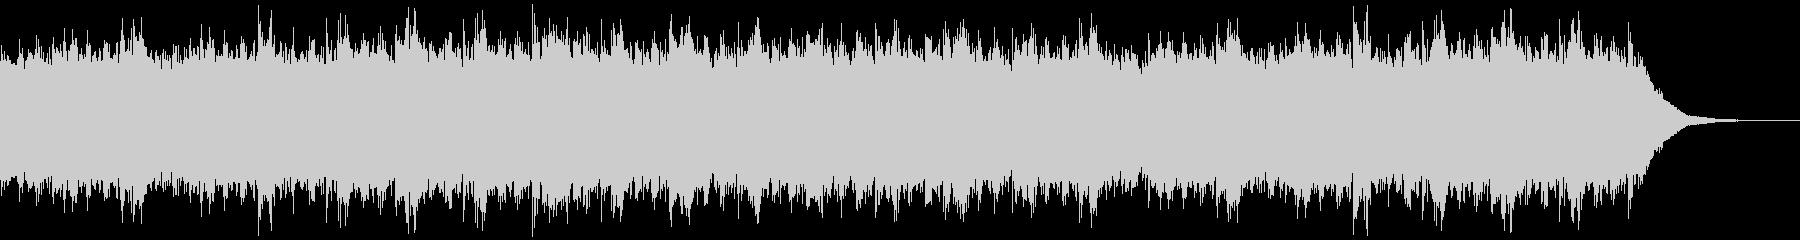 アンビエント、CG抽象的な映像のBGMの未再生の波形